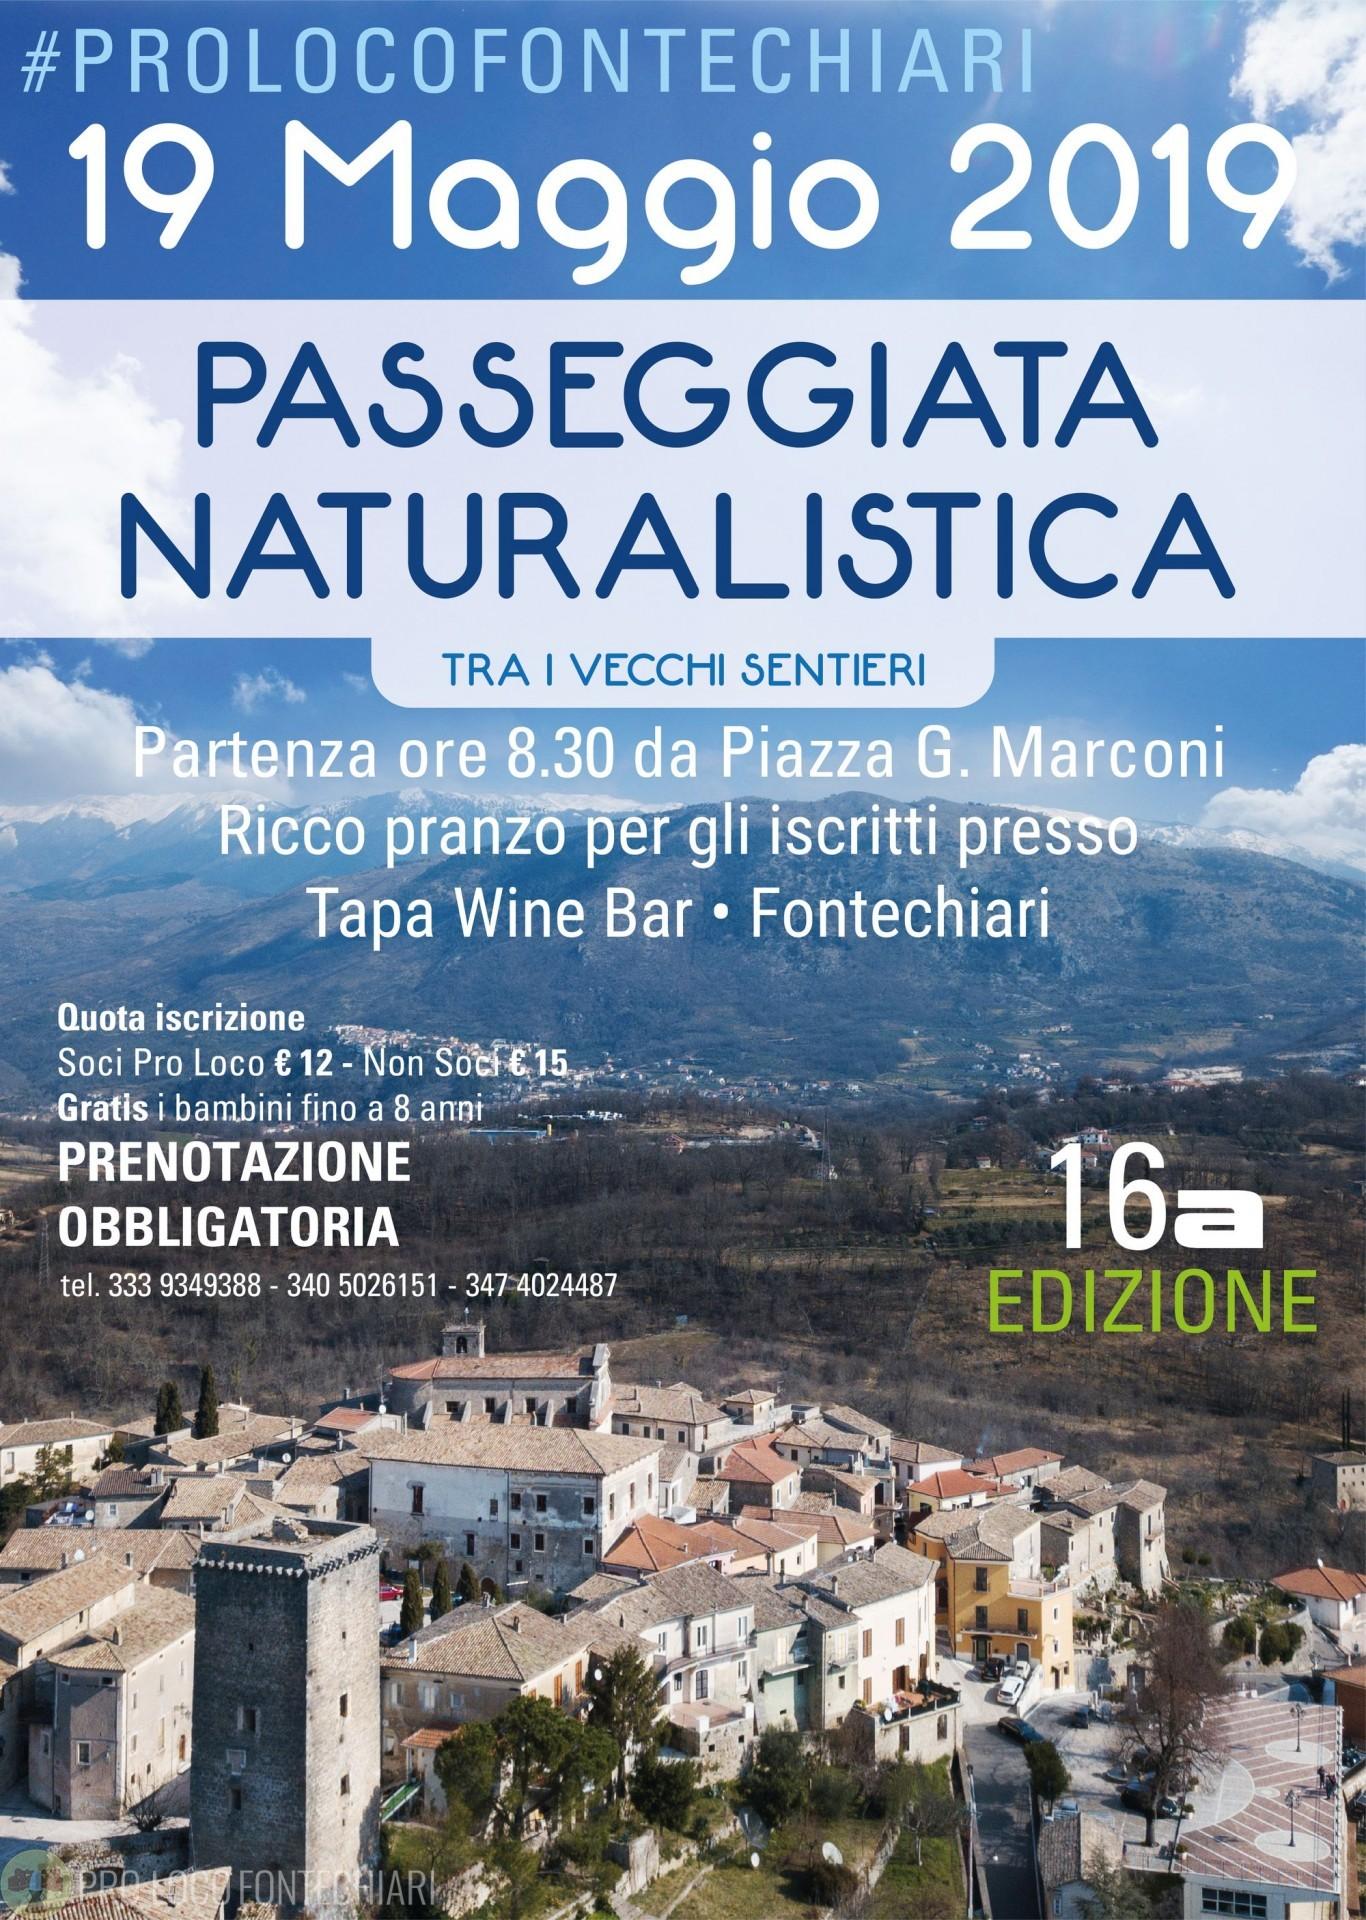 Passeggiata naturalistica del 19 Maggio 2019